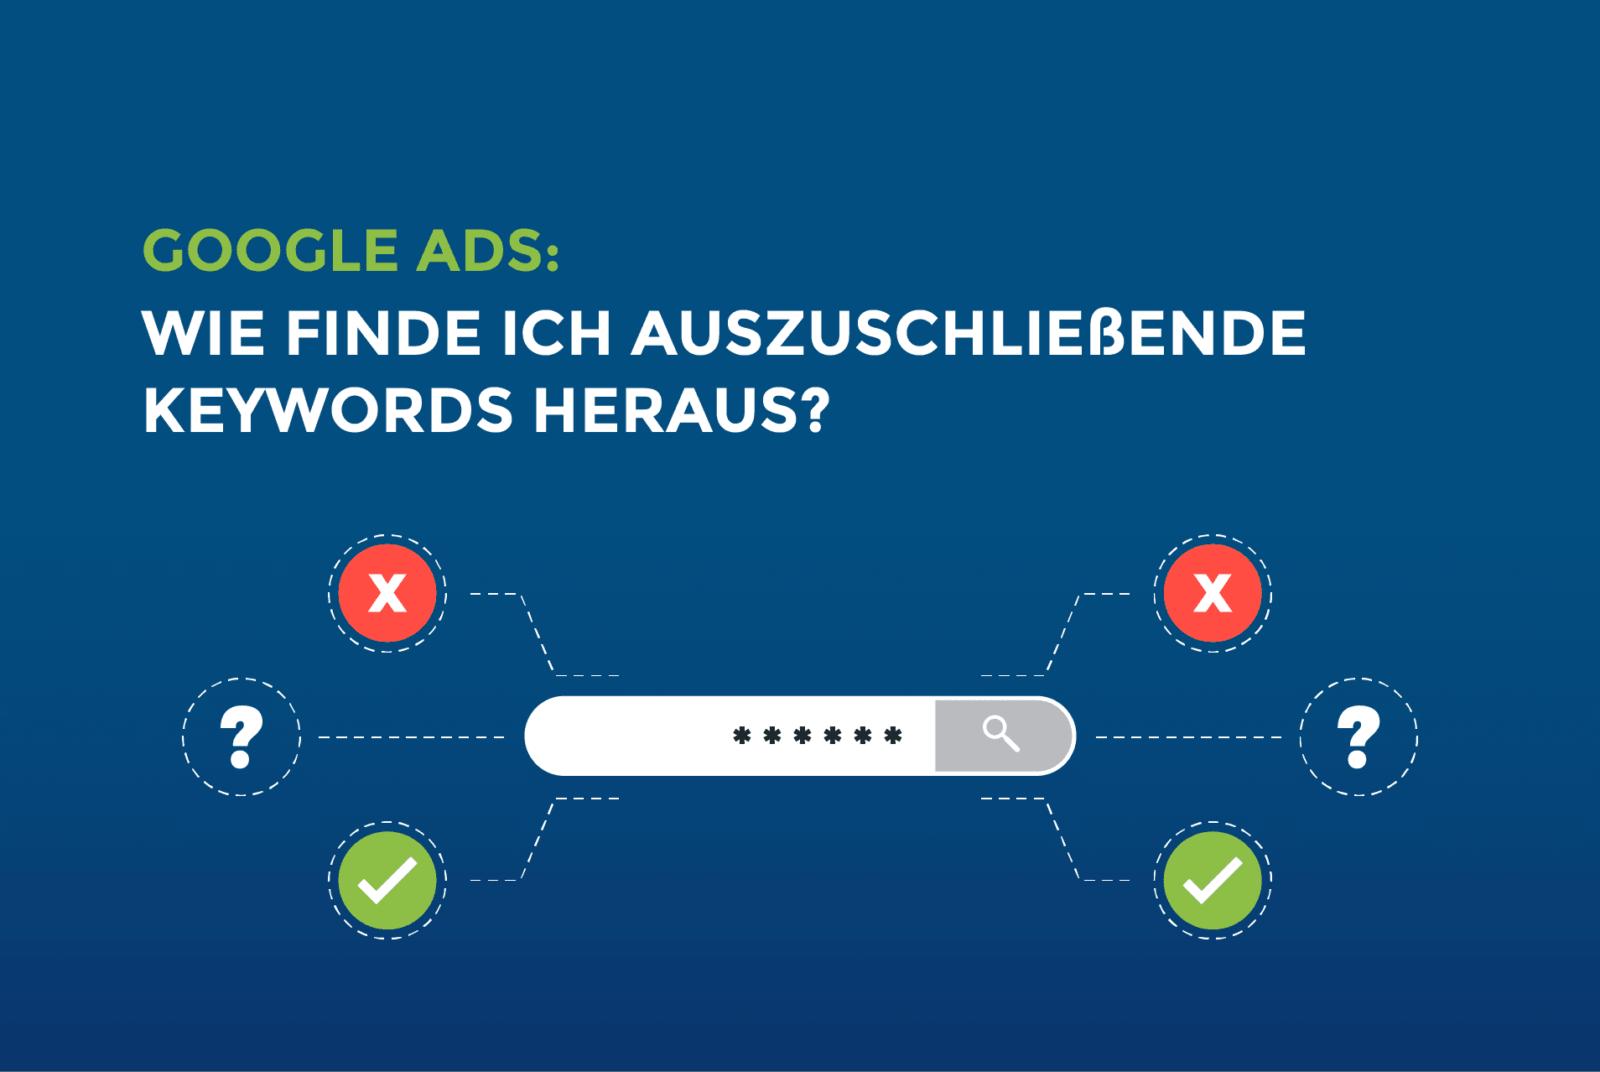 Google Ads: Wie finde ich auszuschließende Keywords heraus?